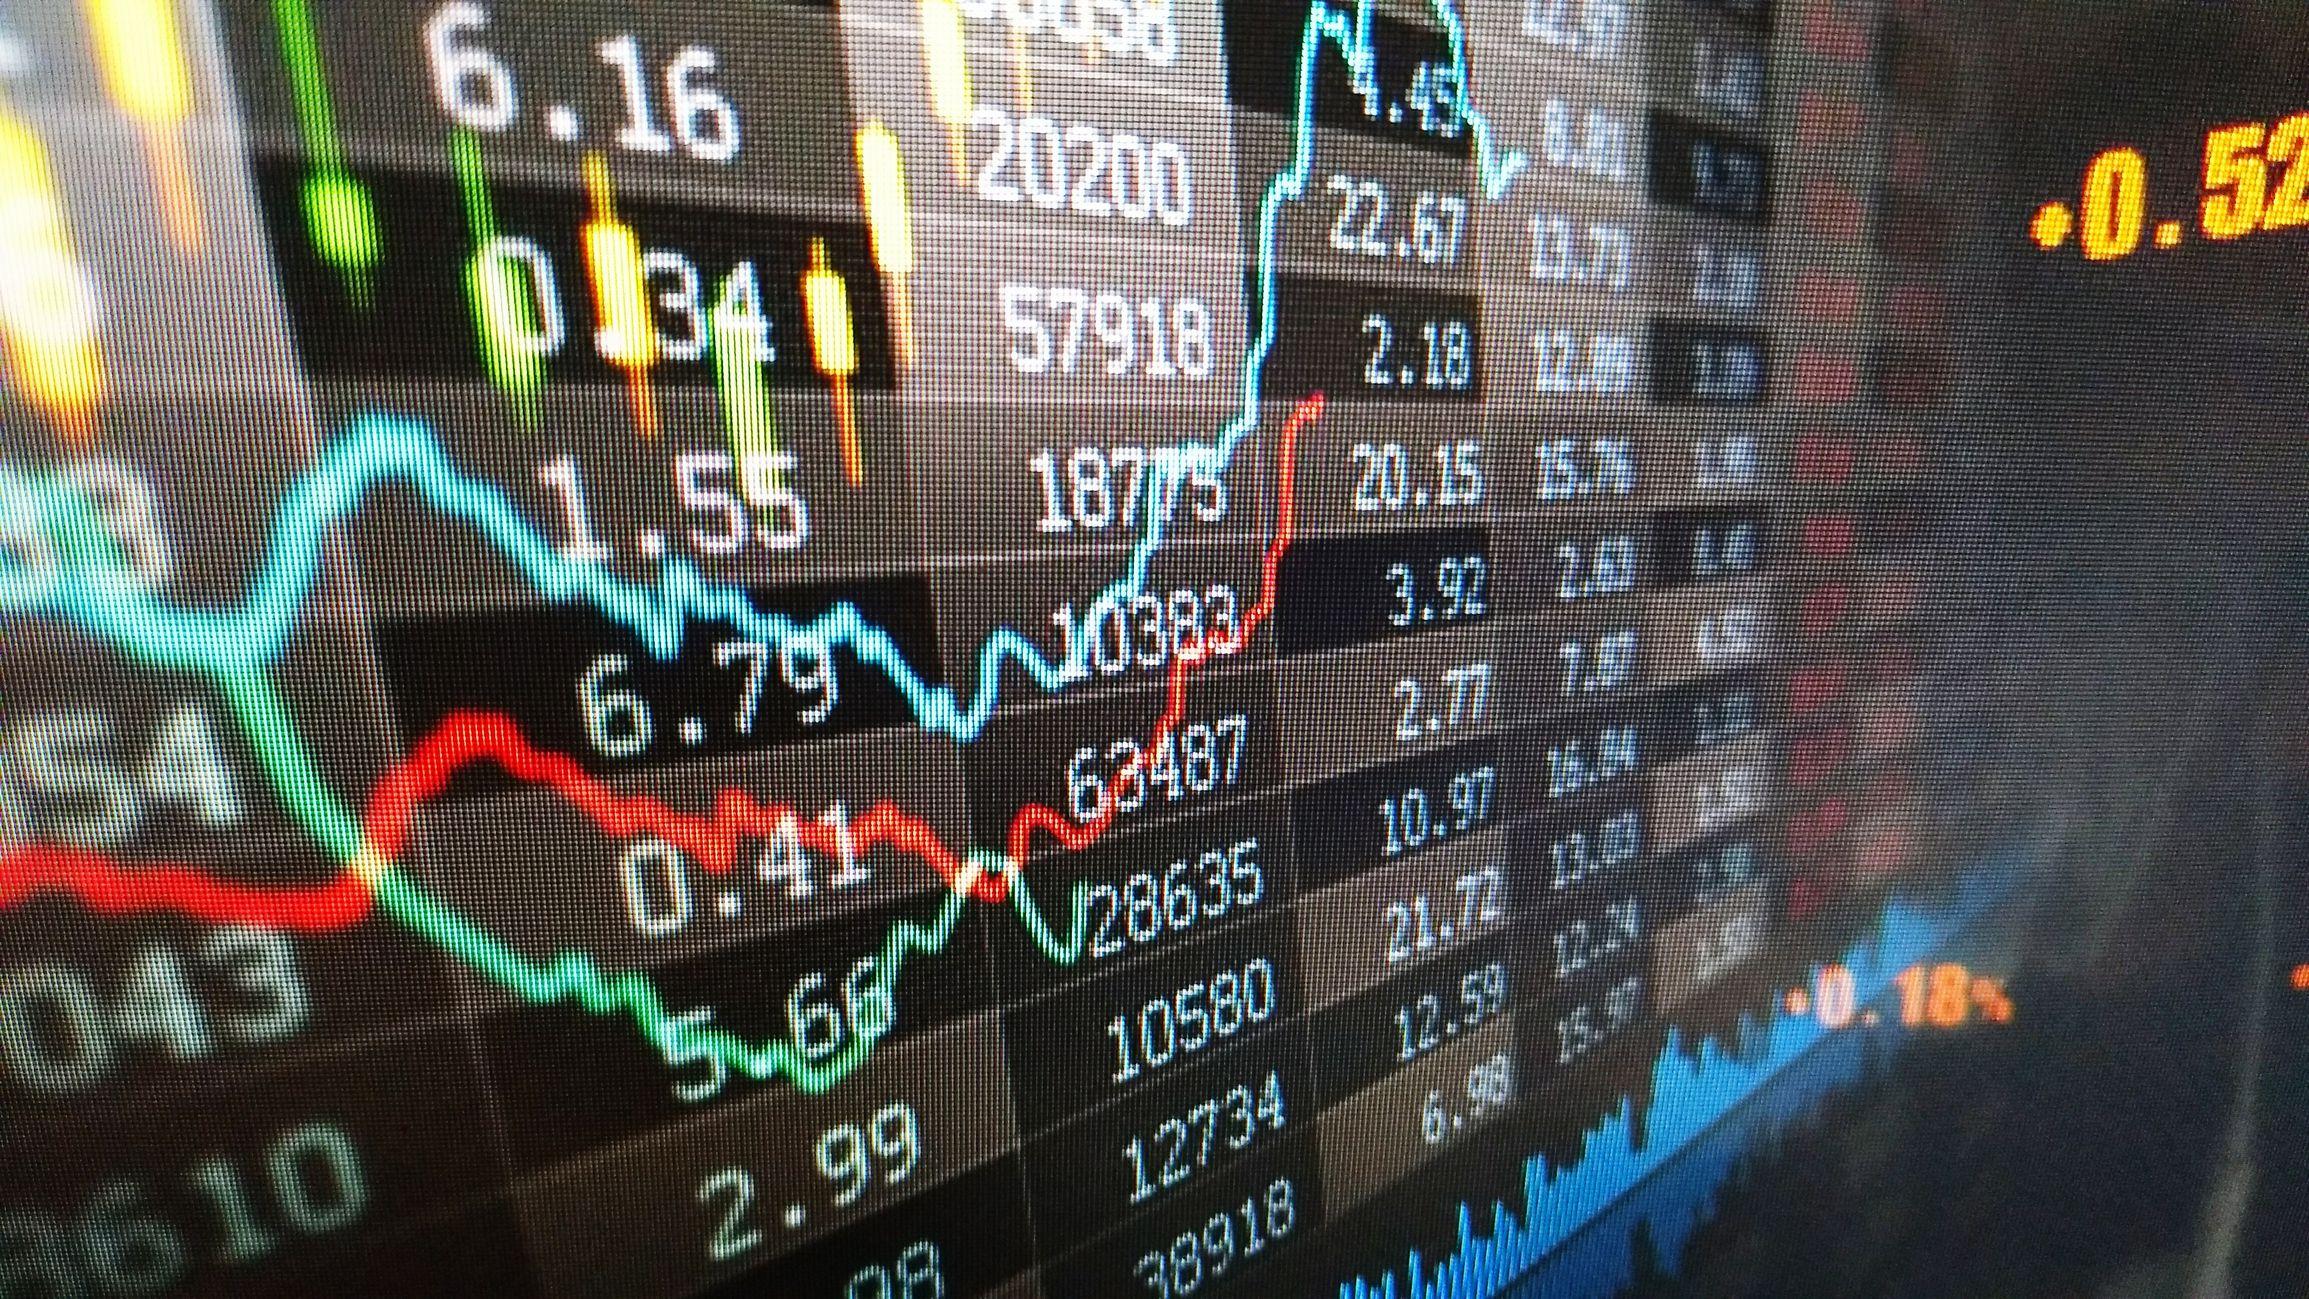 Regresa la curva invertida y los temores de recesión